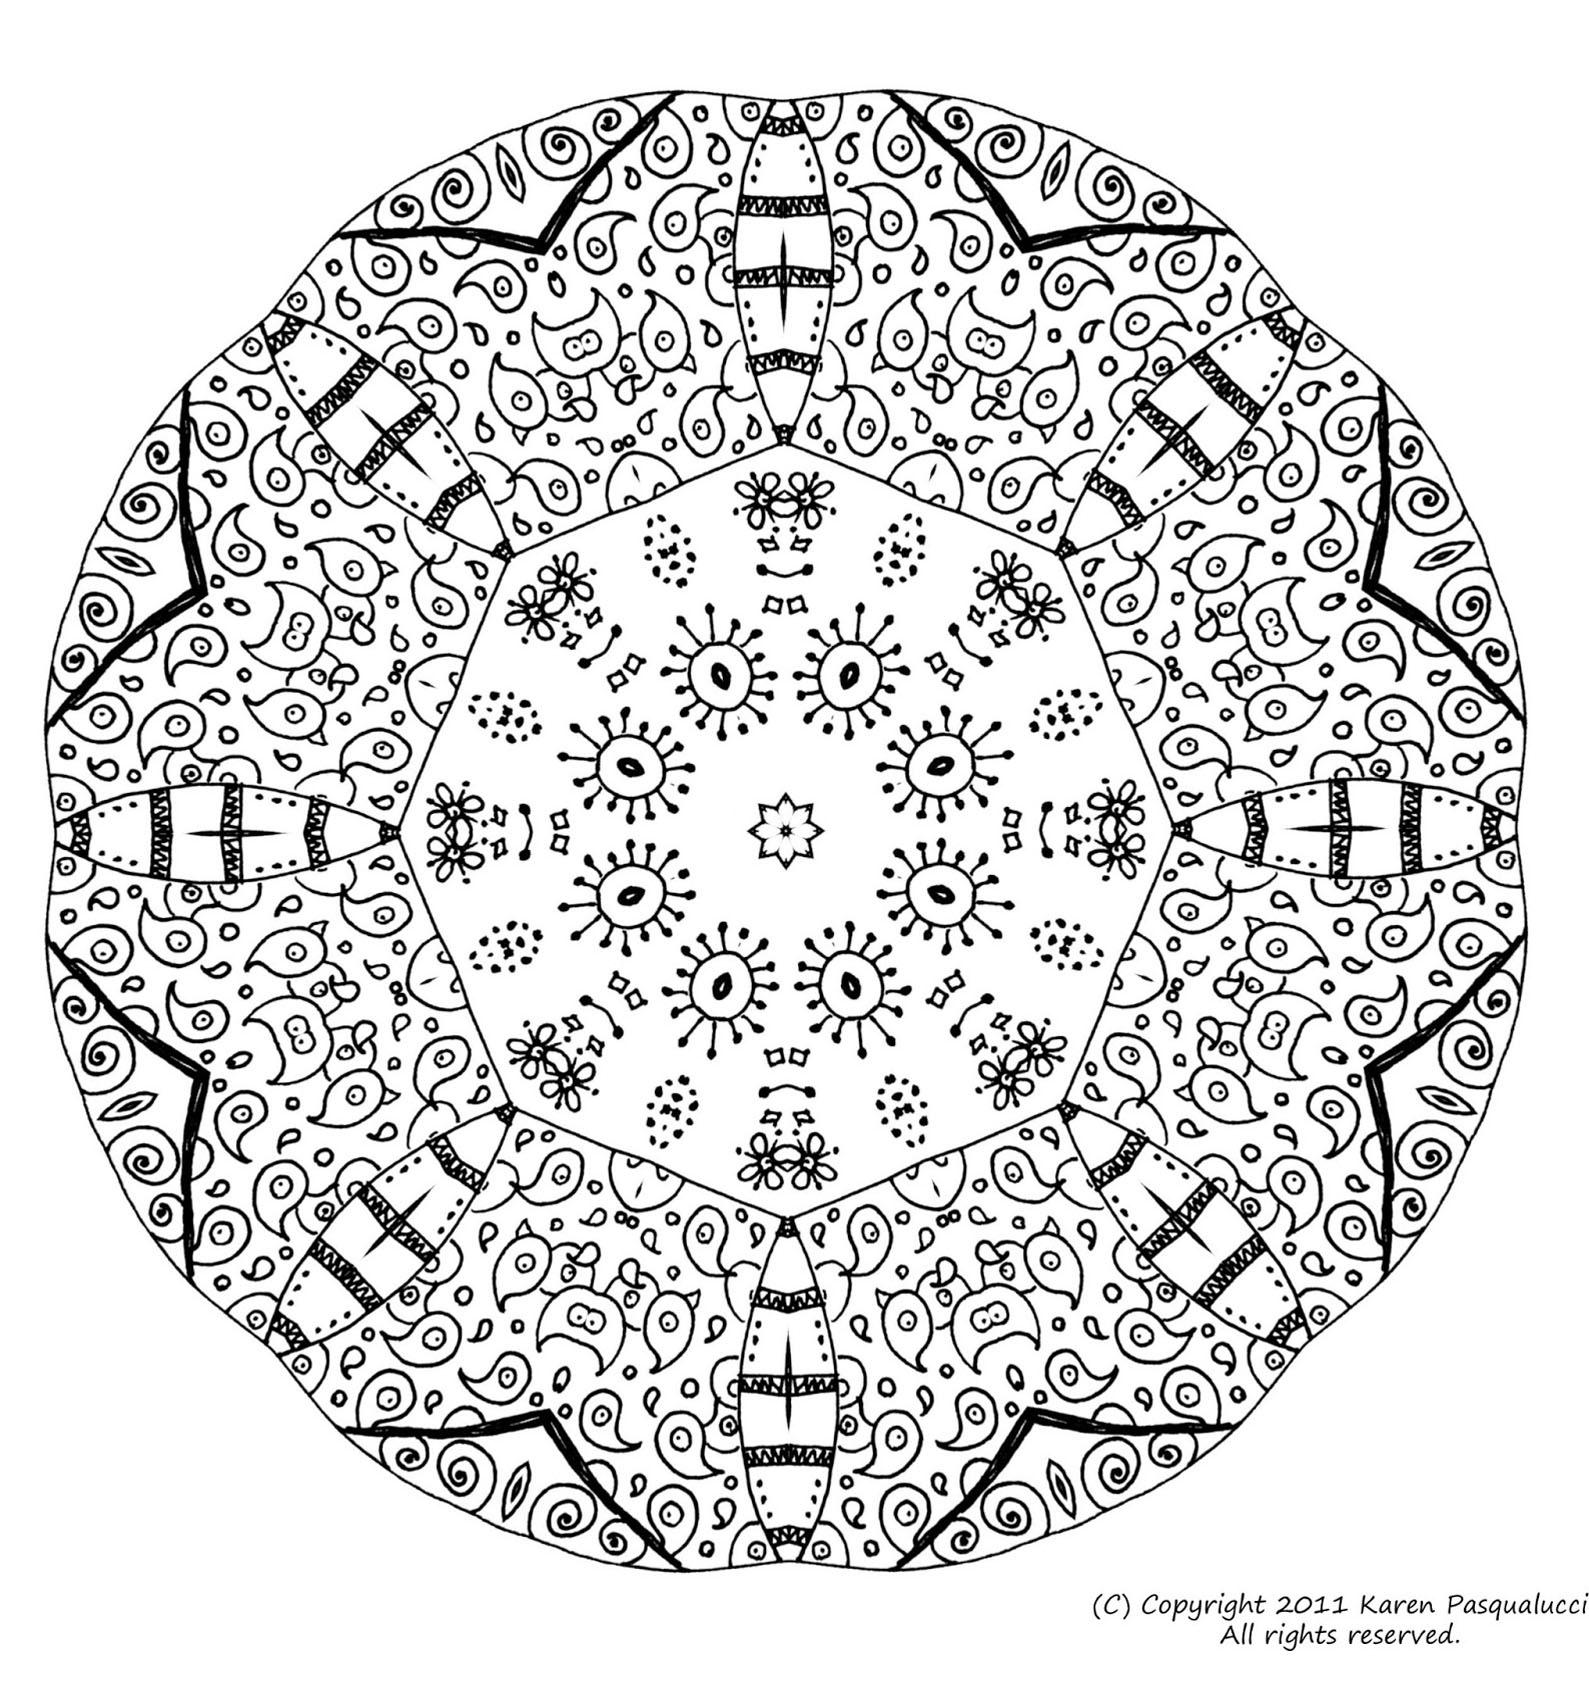 Mandala 6 - Mandalas - Coloriages Difficiles Pour Adultes à Coloriage Adultes À Imprimer